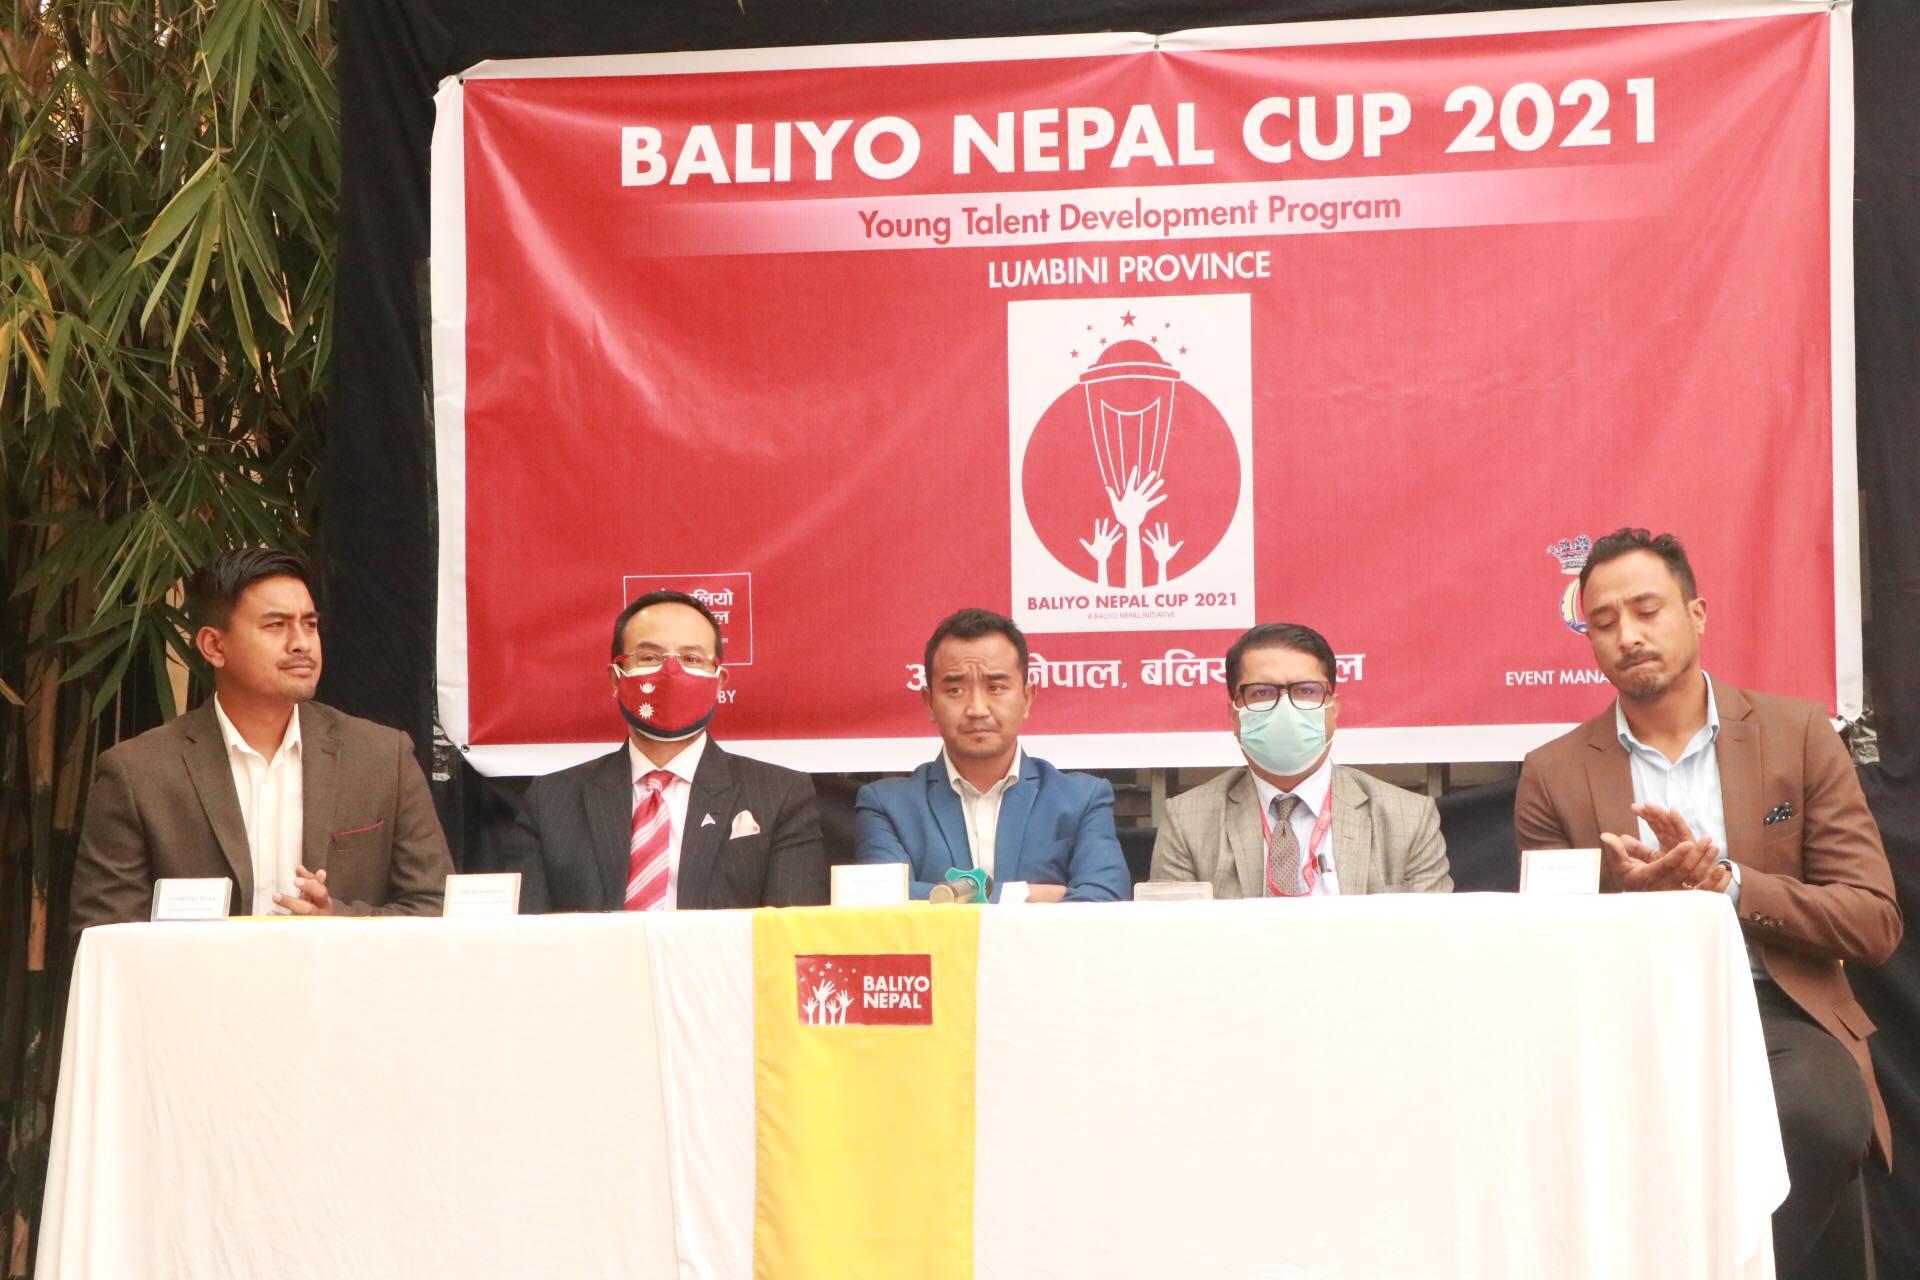 यू-१६ किशाेर खेलाडीकाे 'बलियाे नेपाल कप' क्रिकेट हुने, पहिलाे चरण लुम्बिनी प्रदेशमा